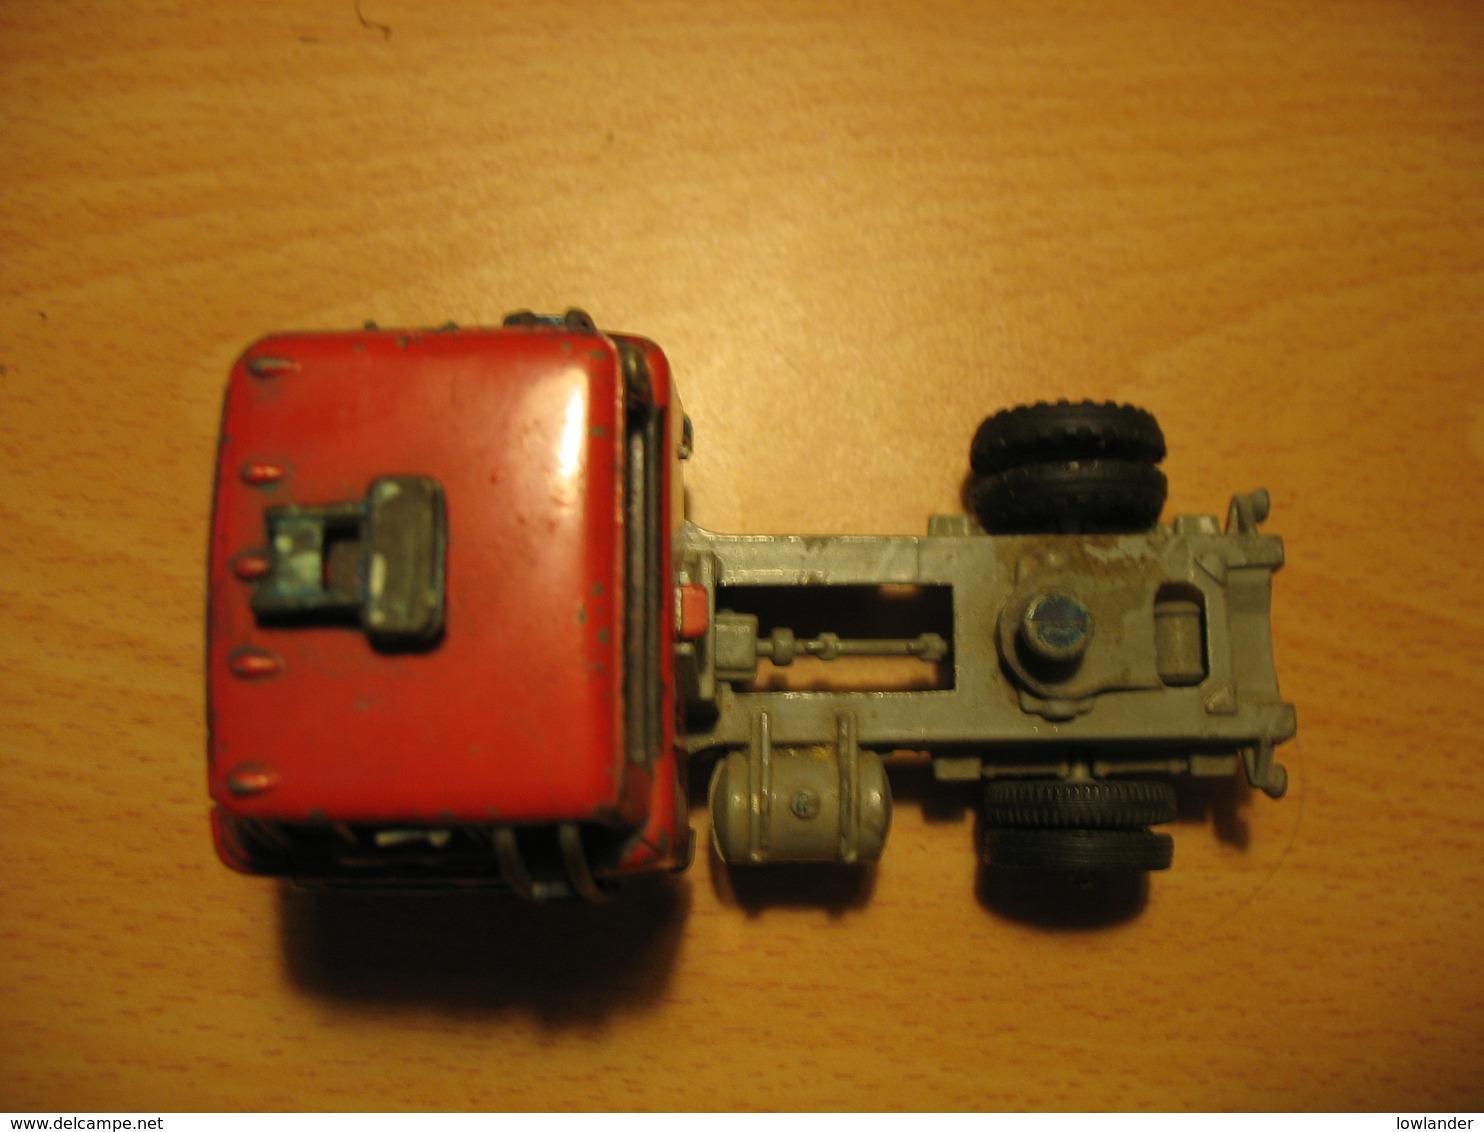 CORGI TOYS 1138 FORD H1000 TRUCK ONLY - Corgi Toys